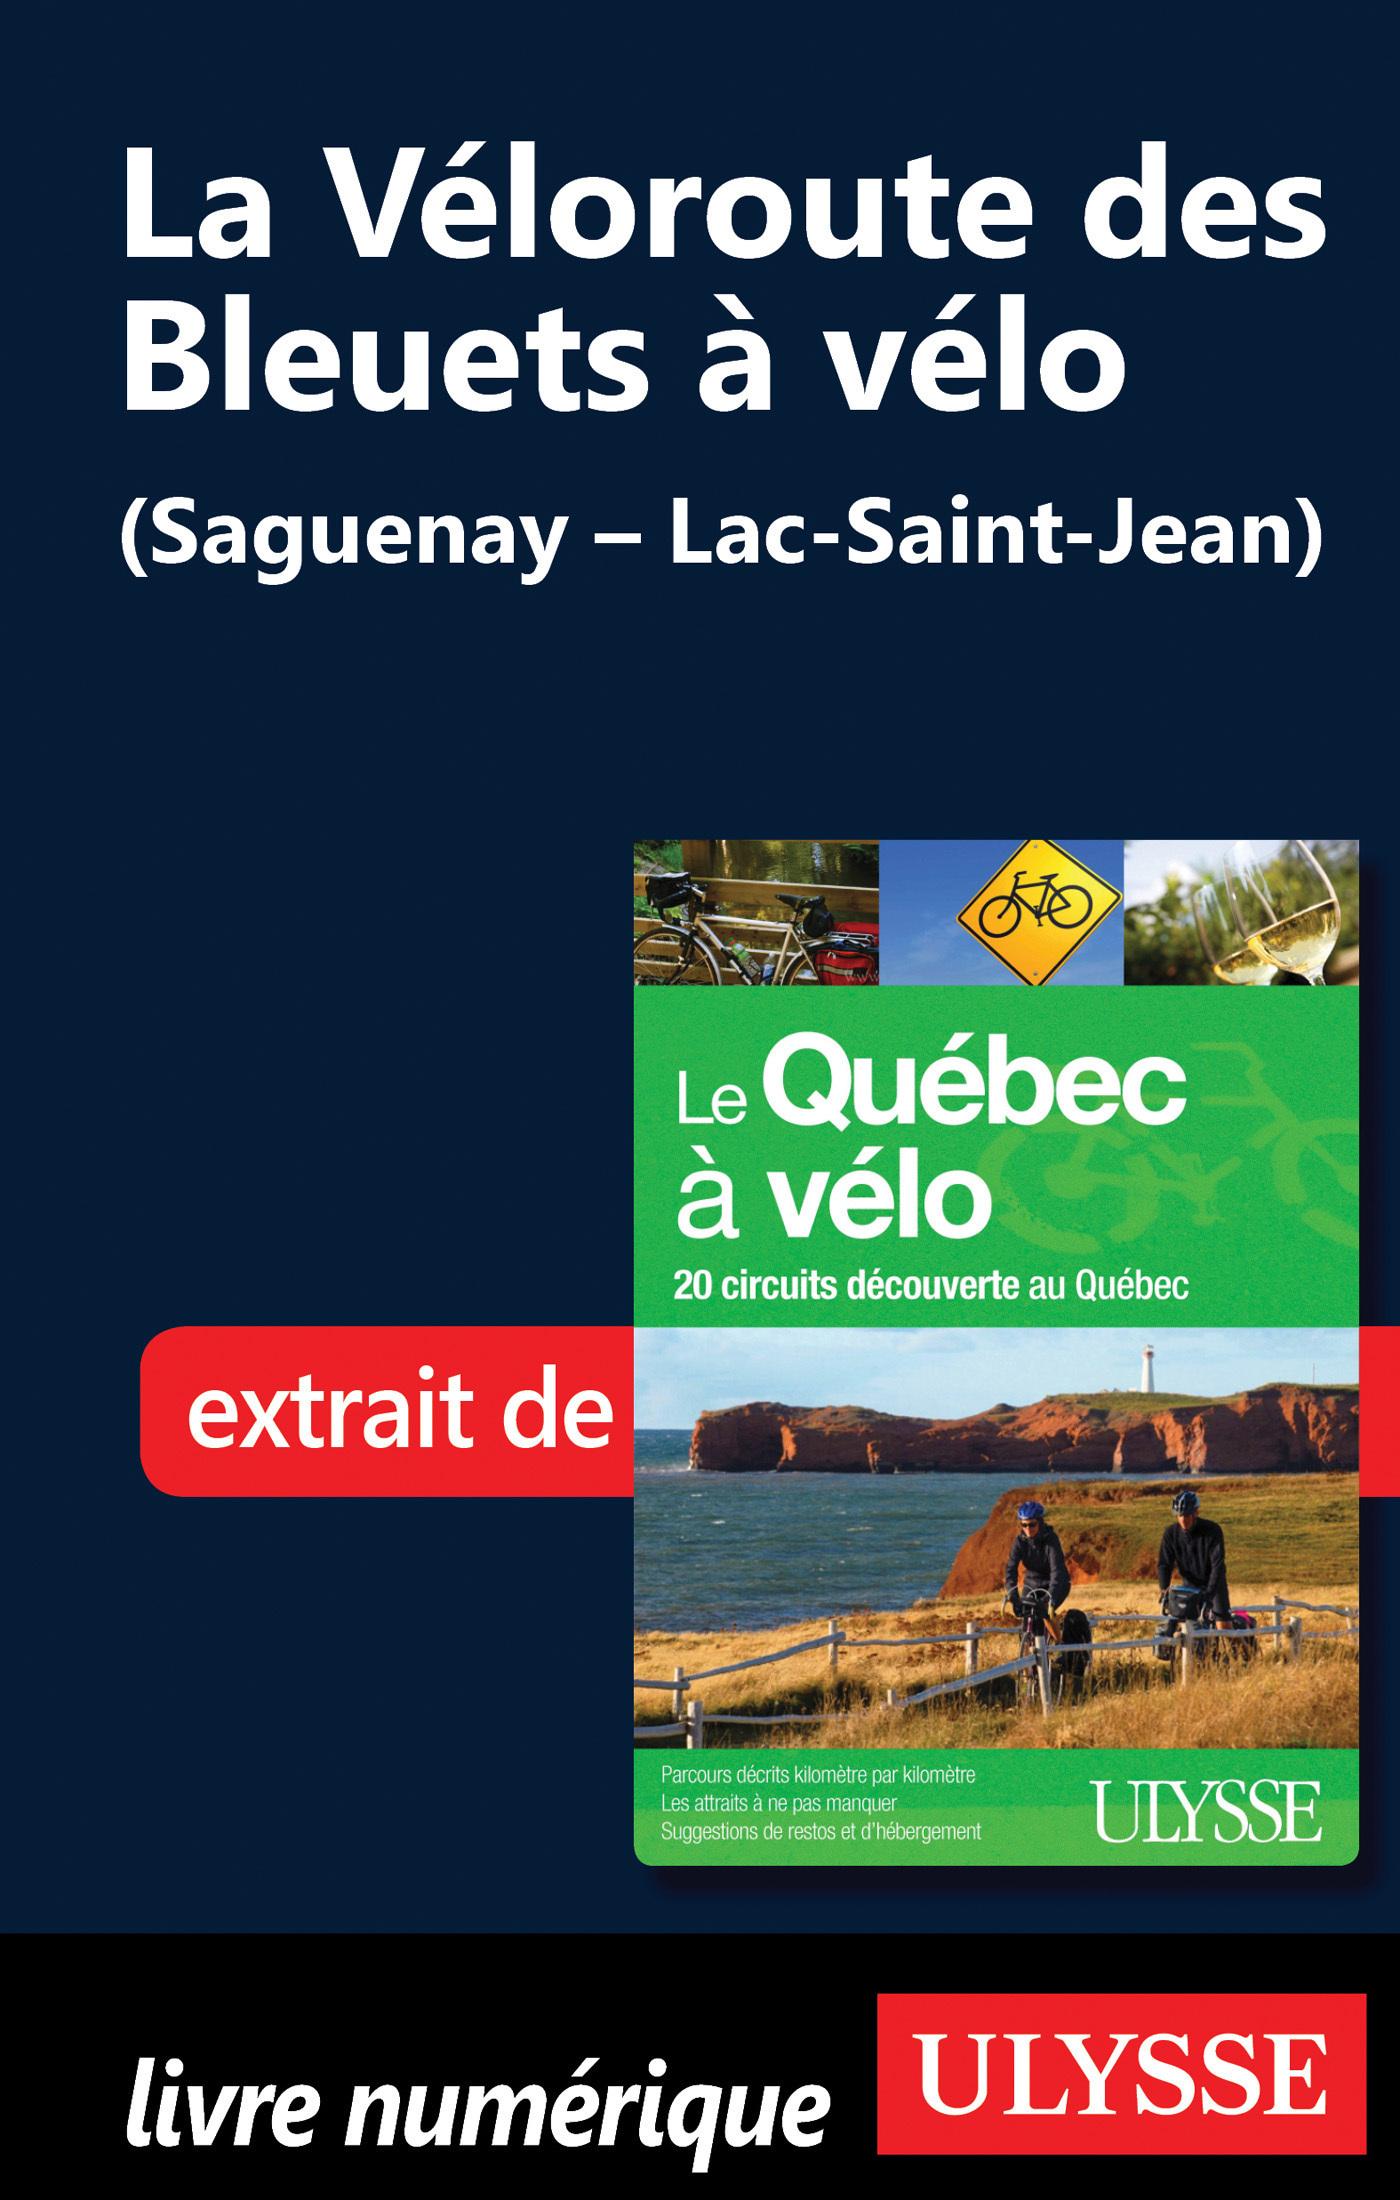 La Véloroute des Bleuets à vélo (Saguenay Lac-Saint-Jean)